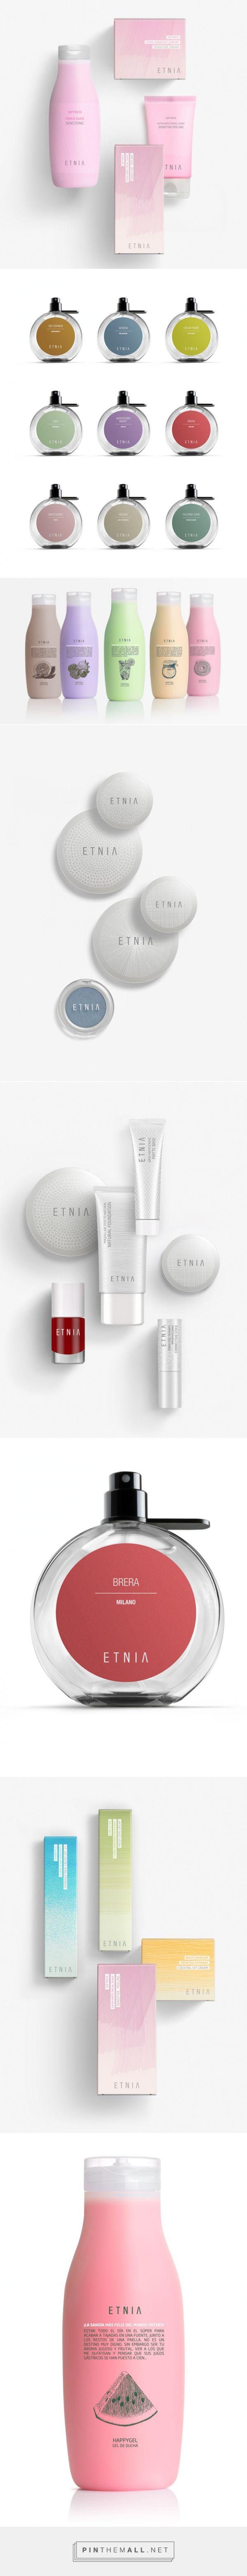 Etnia Cosmetics, un proyecto de diseño global de Lavernia & Cienfuegos - created via http://pinthemall.net